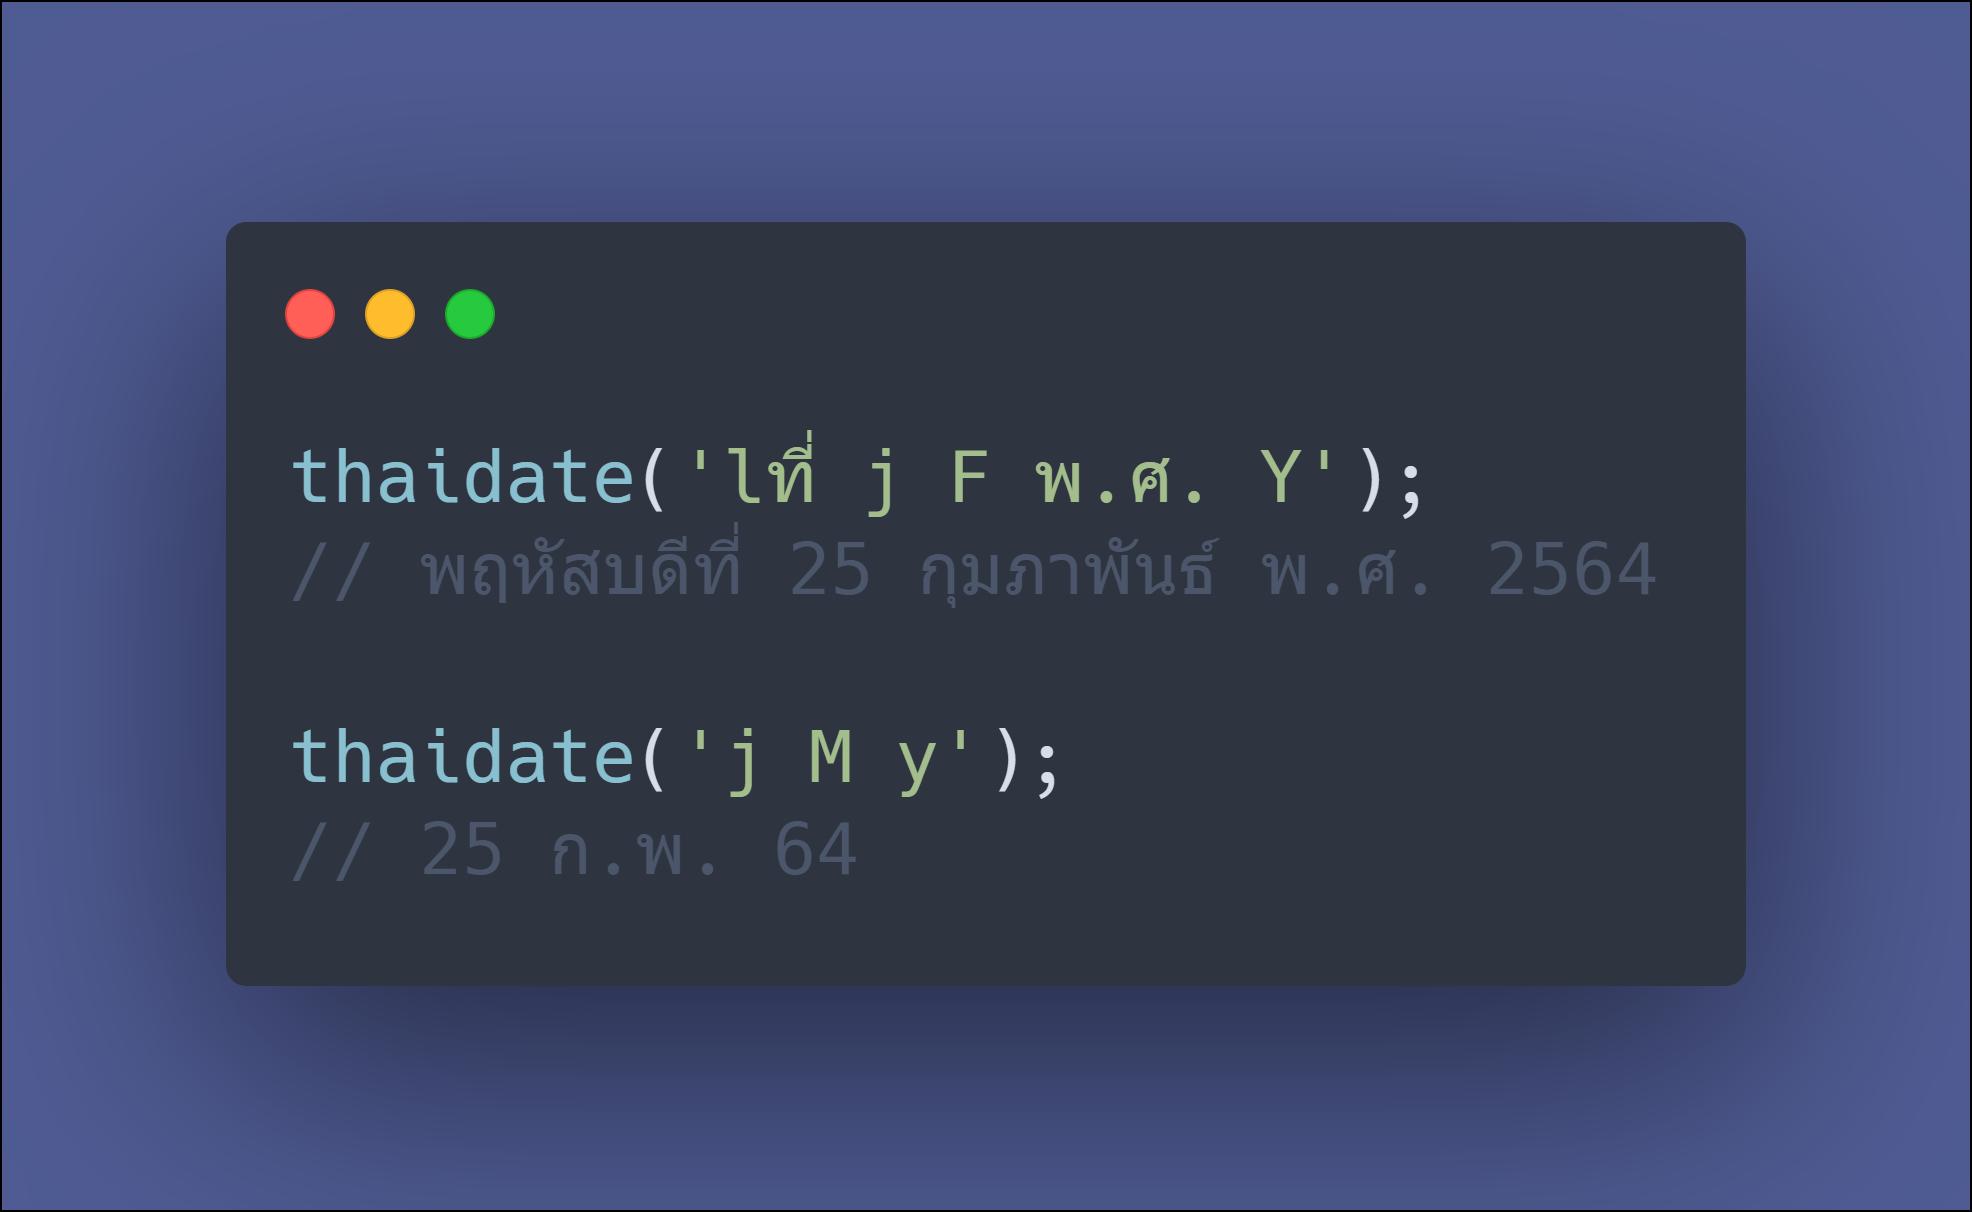 แปลงวันที่ภาษาไทย ด้วย thaidate() ใน PHP และ Laravel